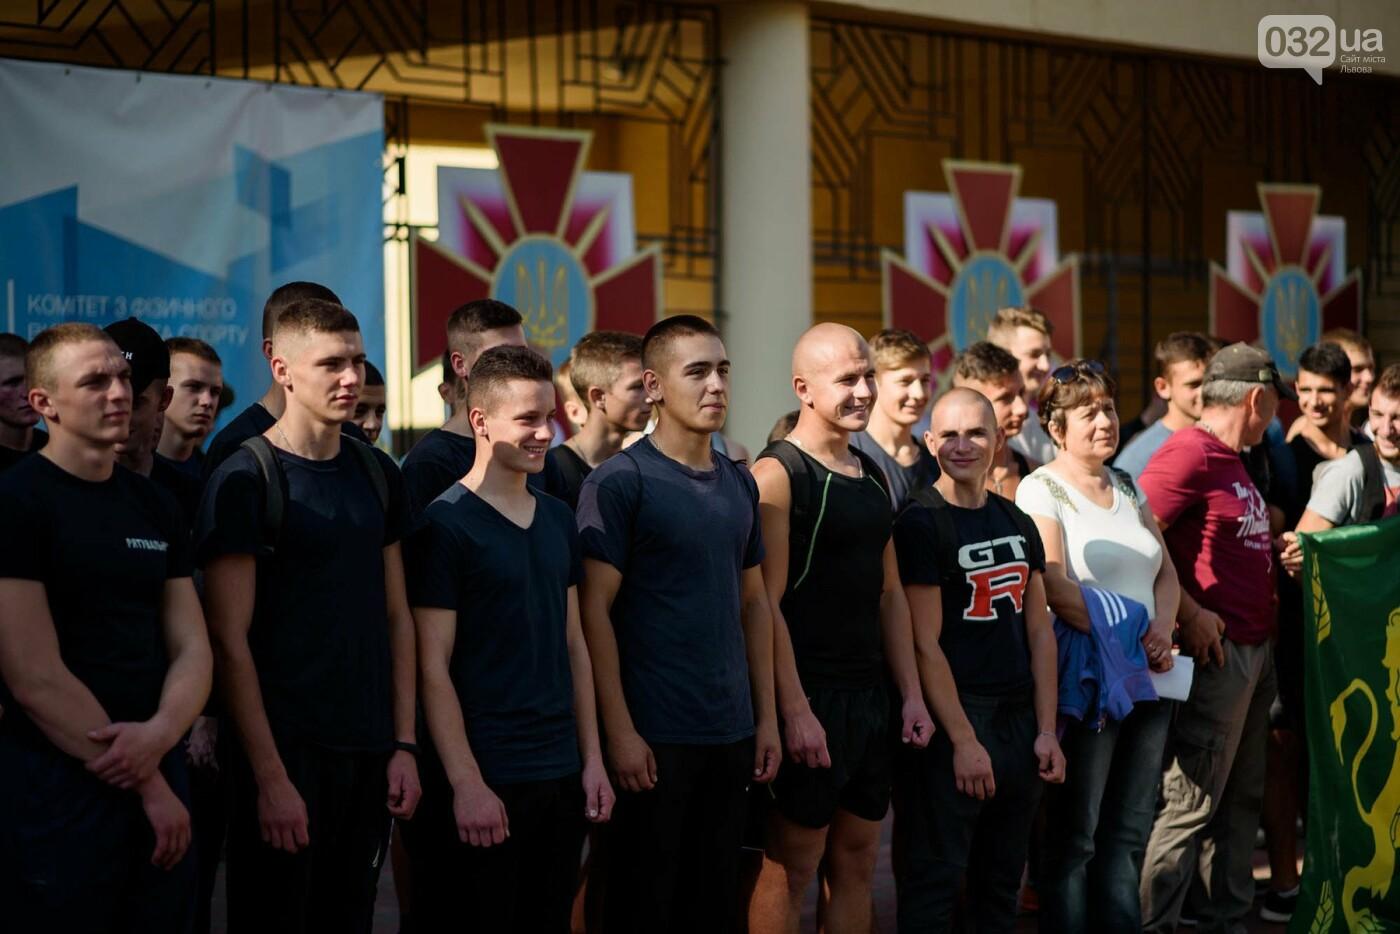 240 студентів Львівщини одночасно підтягнулися на турніках, фото-2